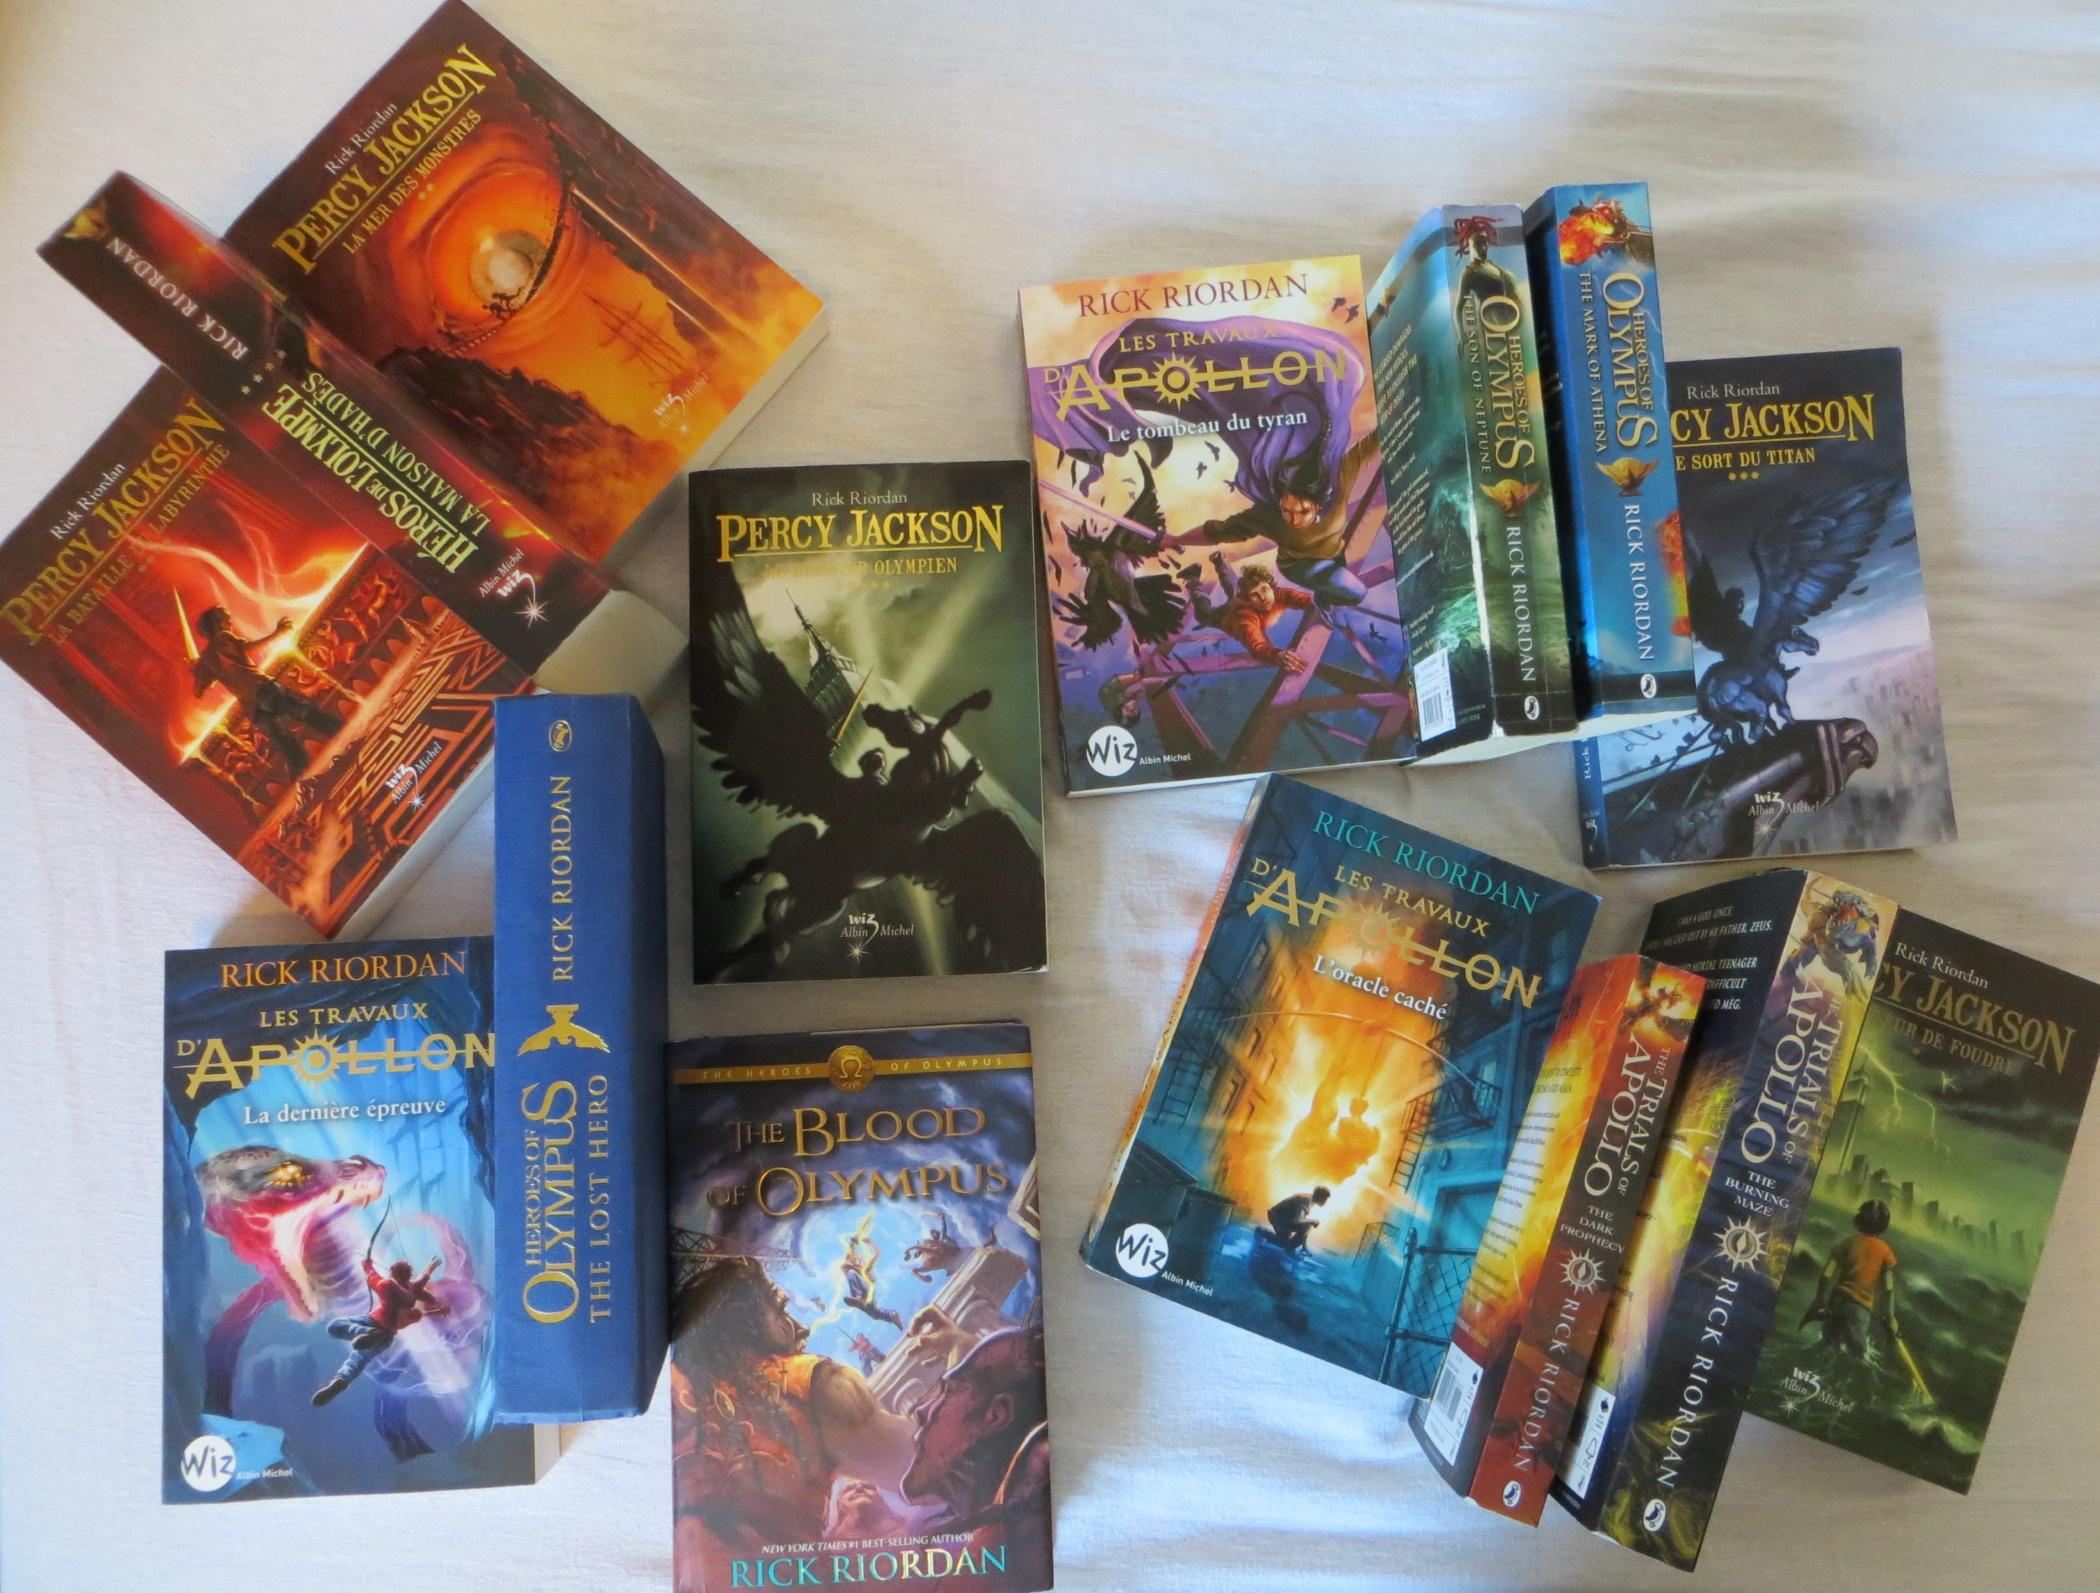 tous les tomes de Percy Jackson étalés sur un lit